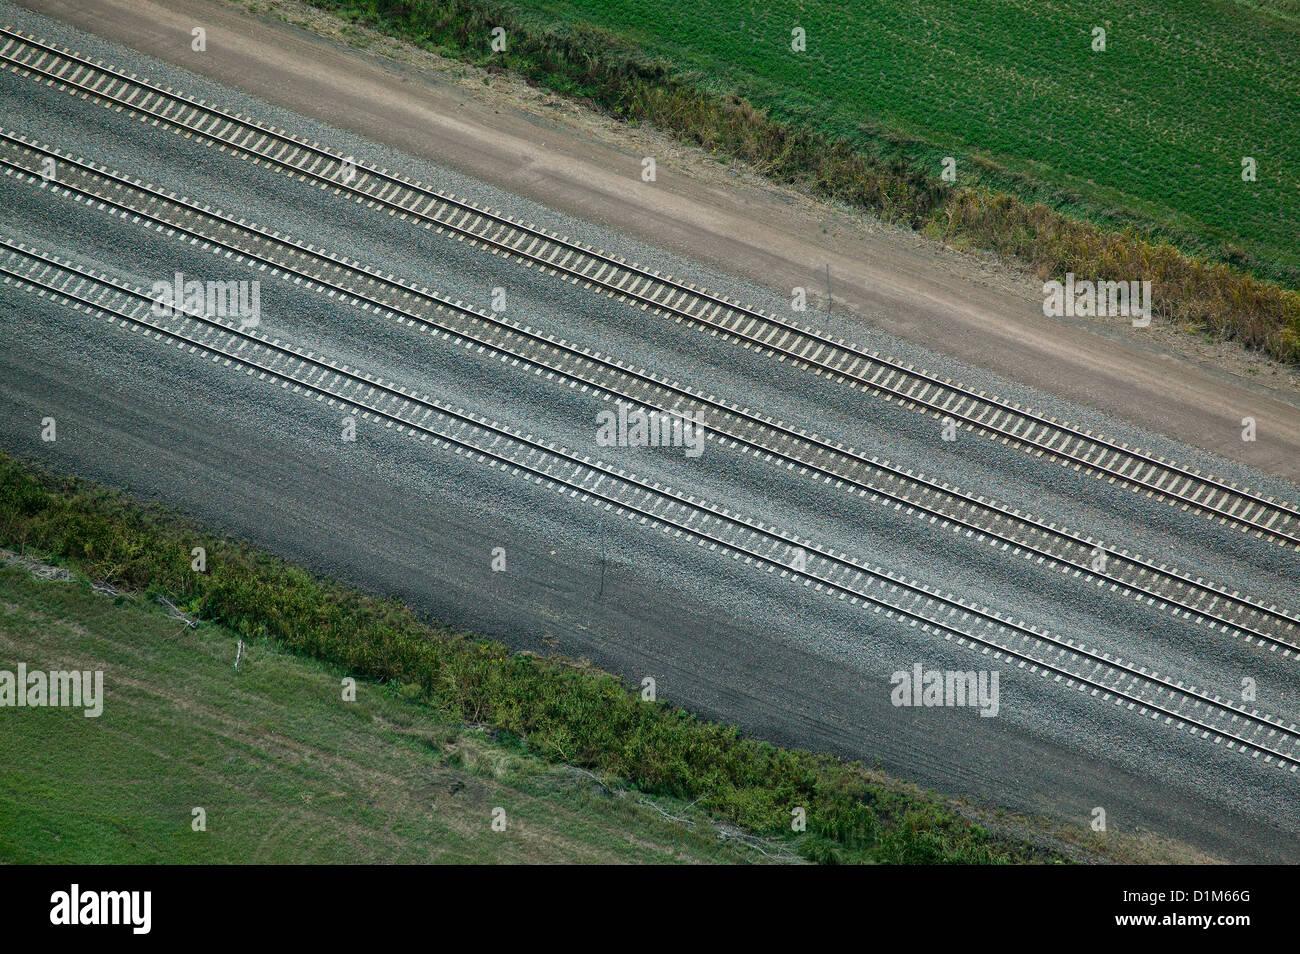 Photographie aérienne des voies de chemin de fer Union Pacific, New York Photo Stock